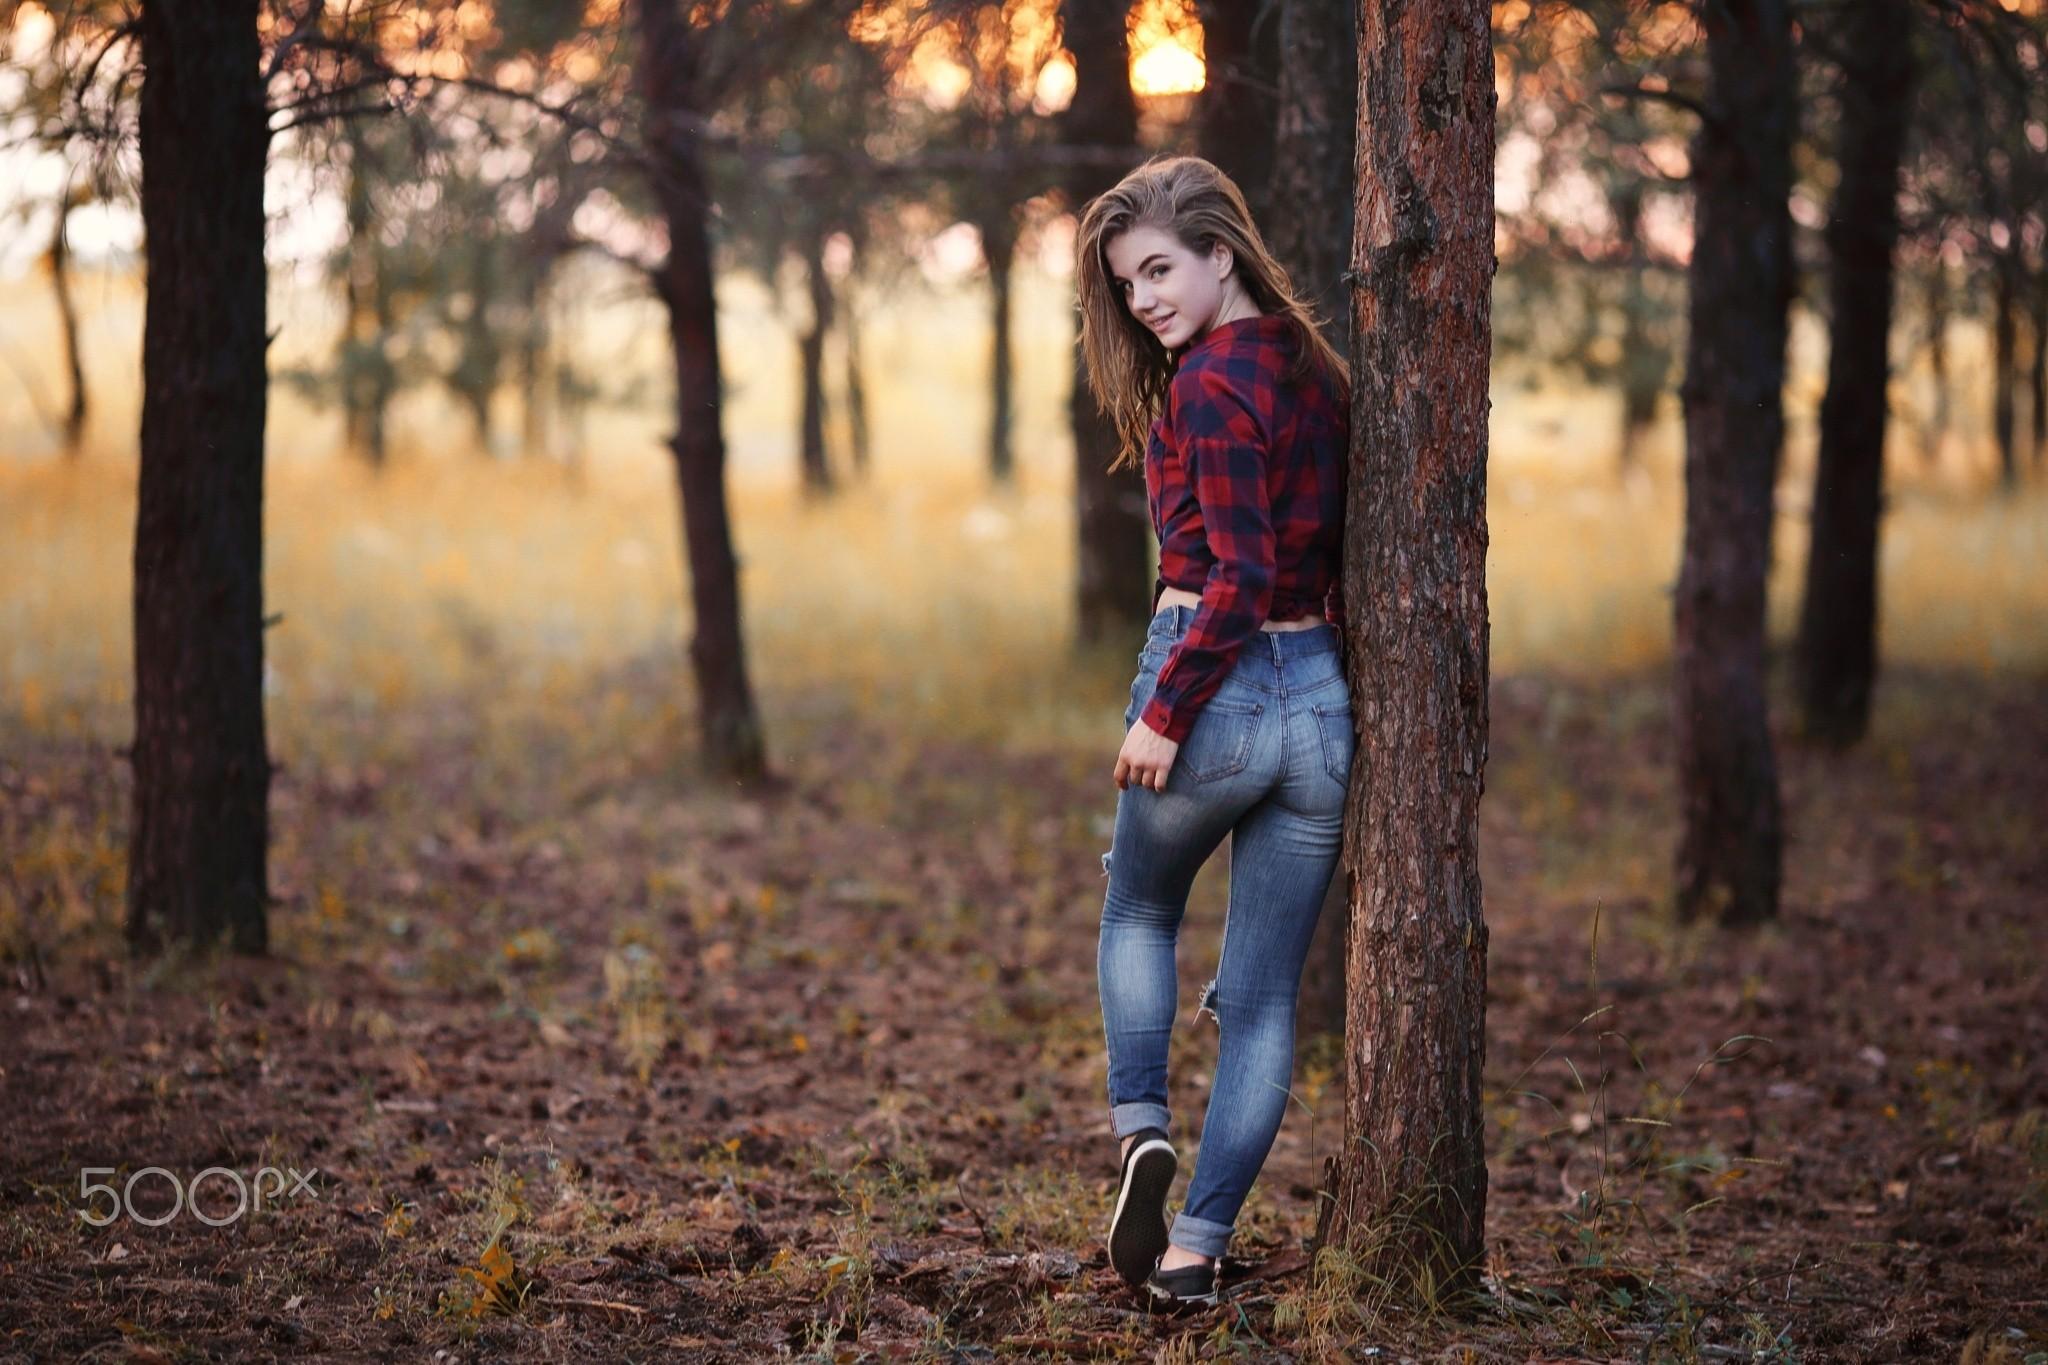 какие позы для фотосессии весной в лесу отлично провести